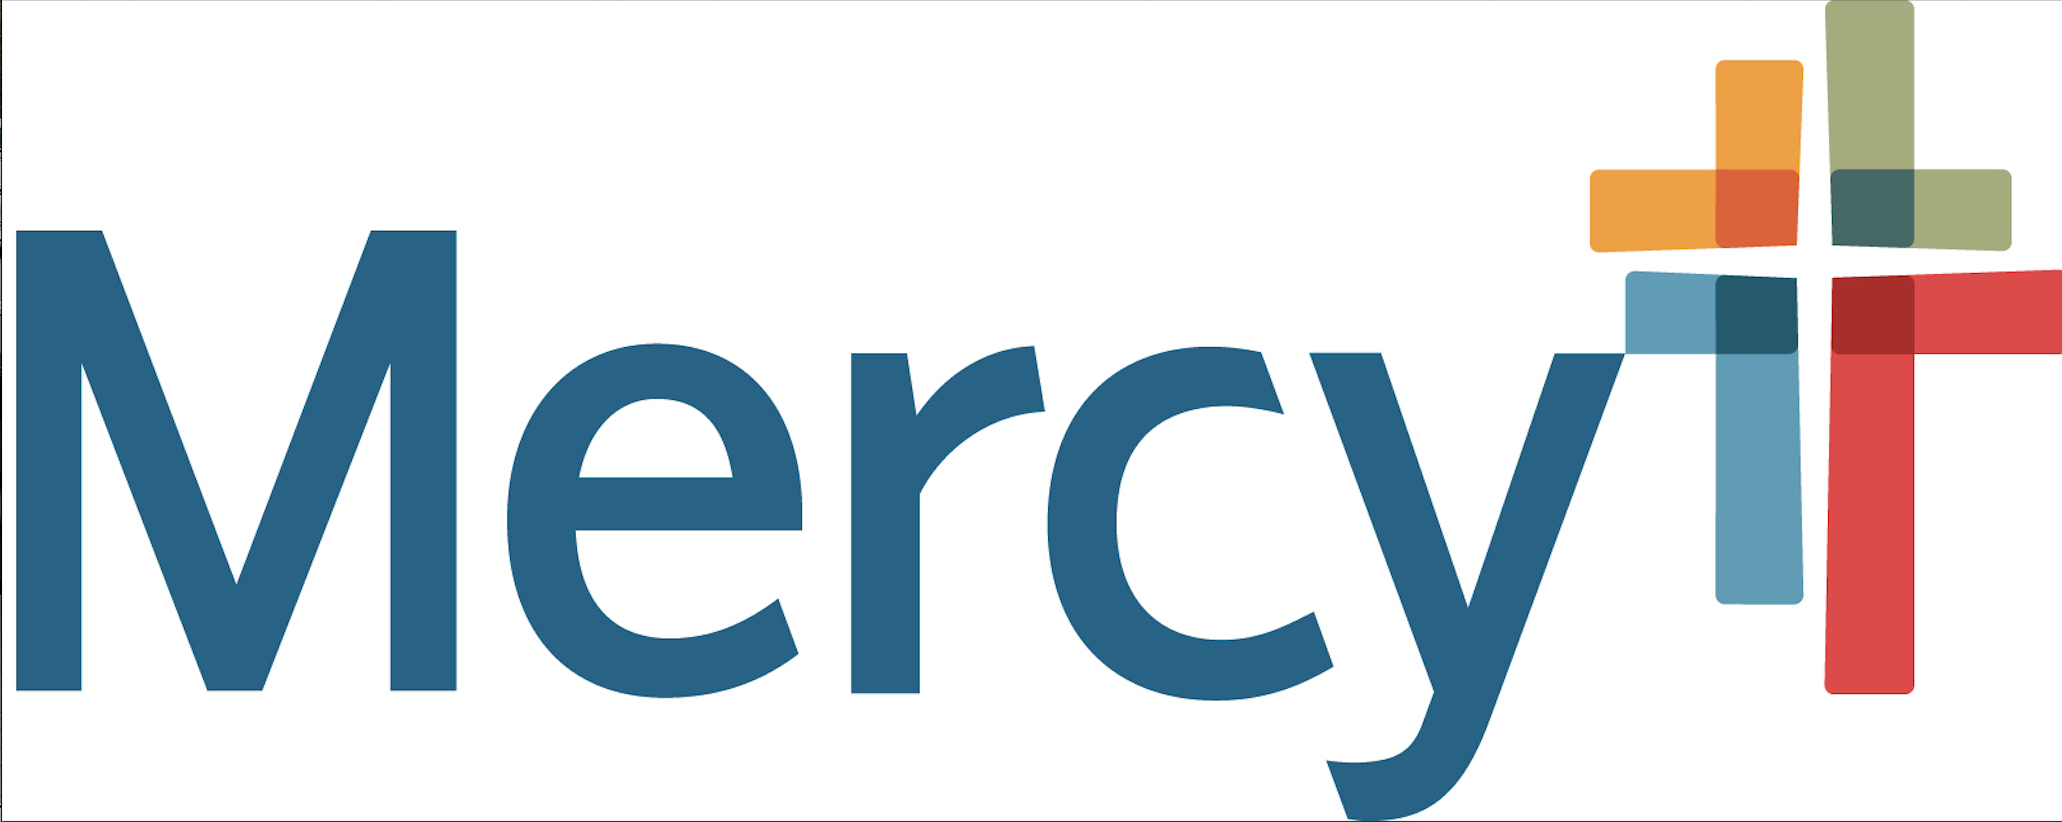 A2, Mercy (Silver)